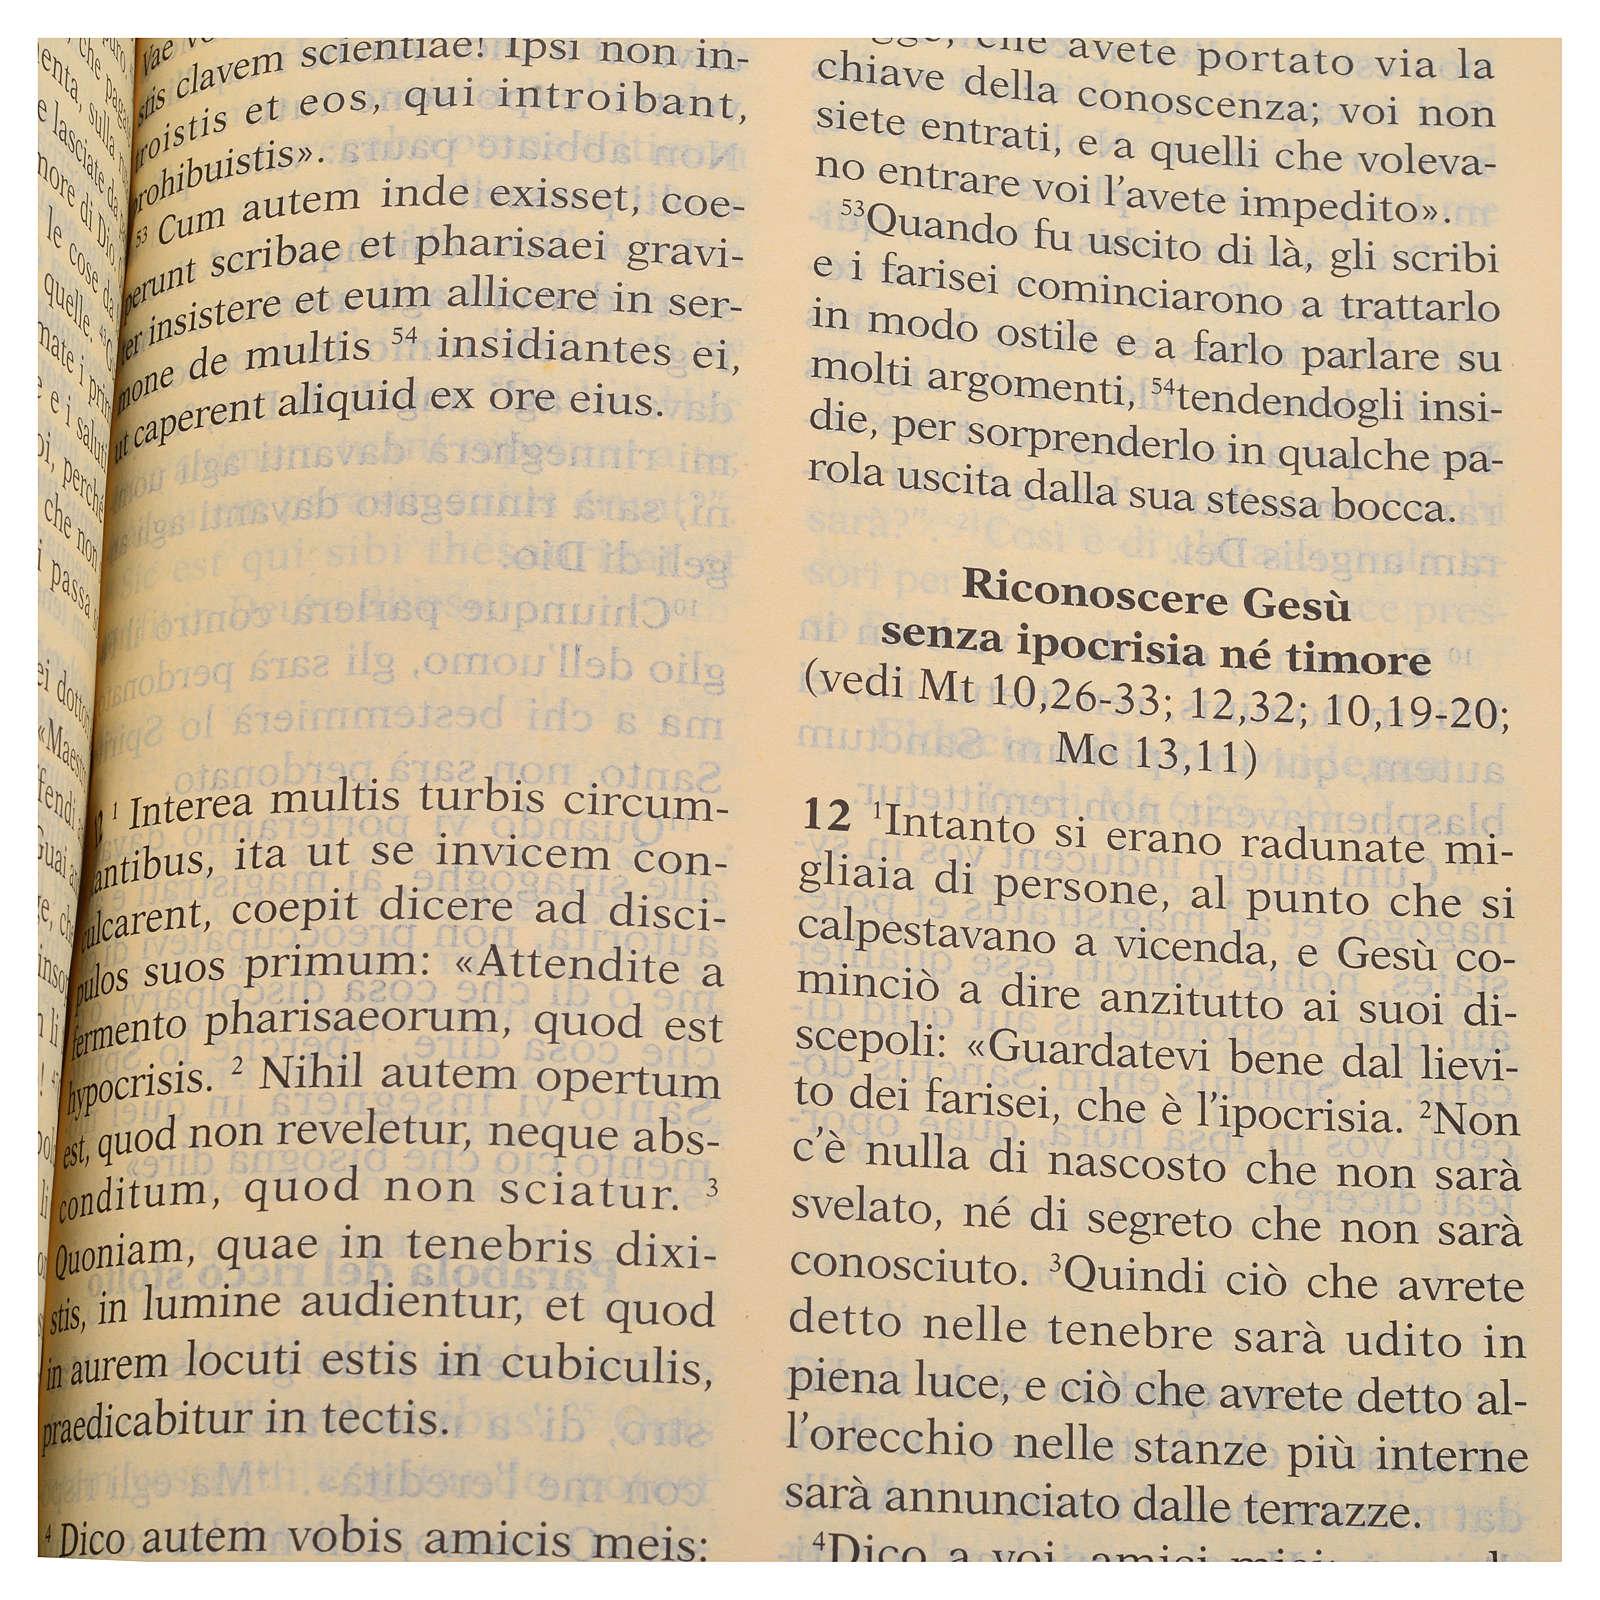 Bilingual Holy Bible in Latin and Italian 4